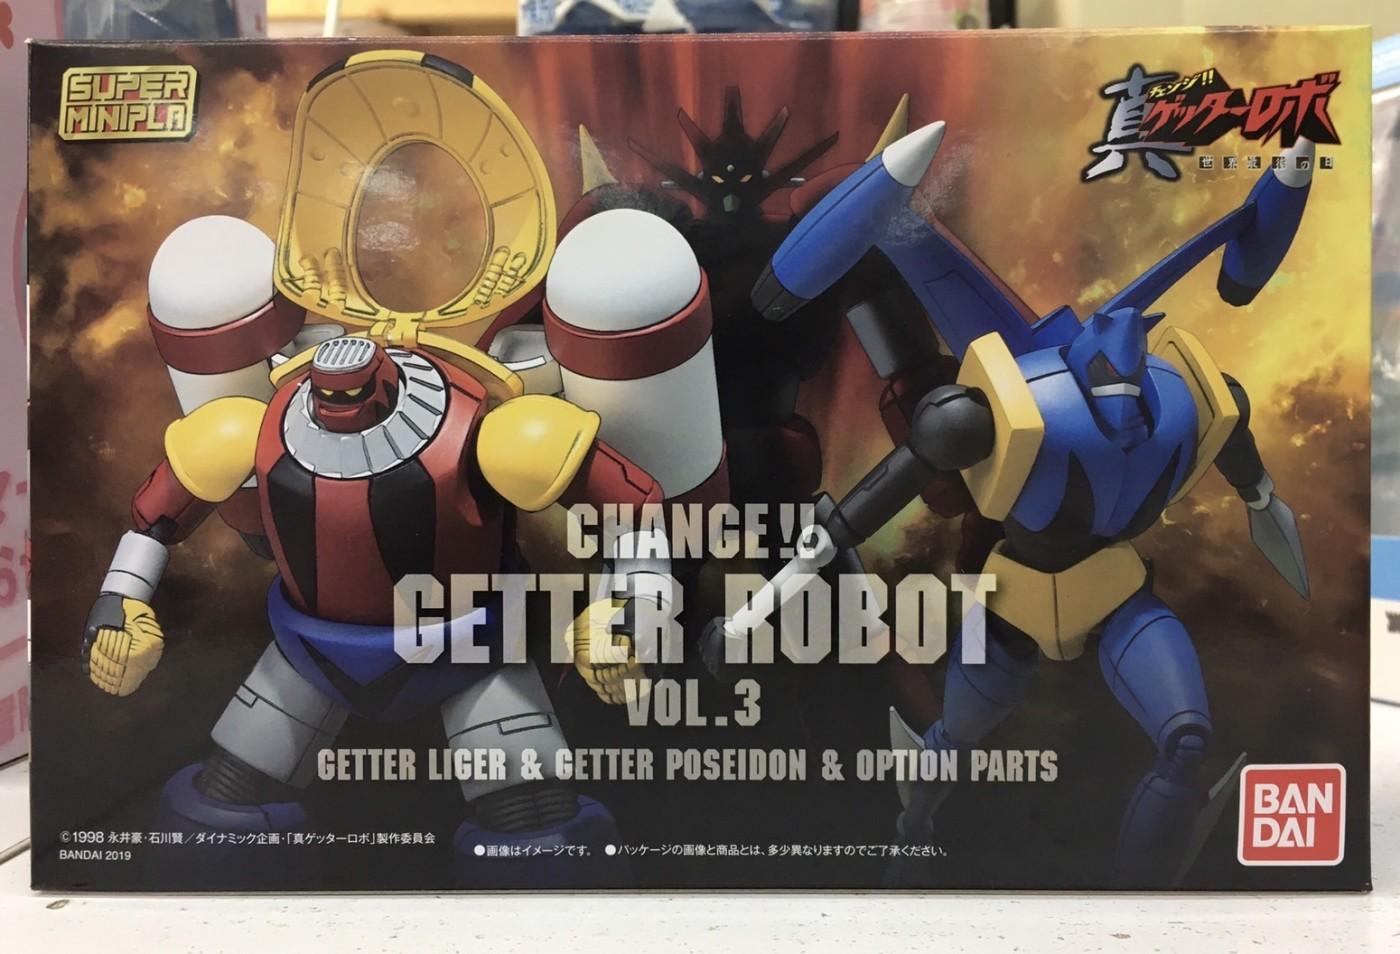 買取情報『バンダイのスーパーミニプラ「真(チェンジ!!)ゲッターロボ Vol.3 」』